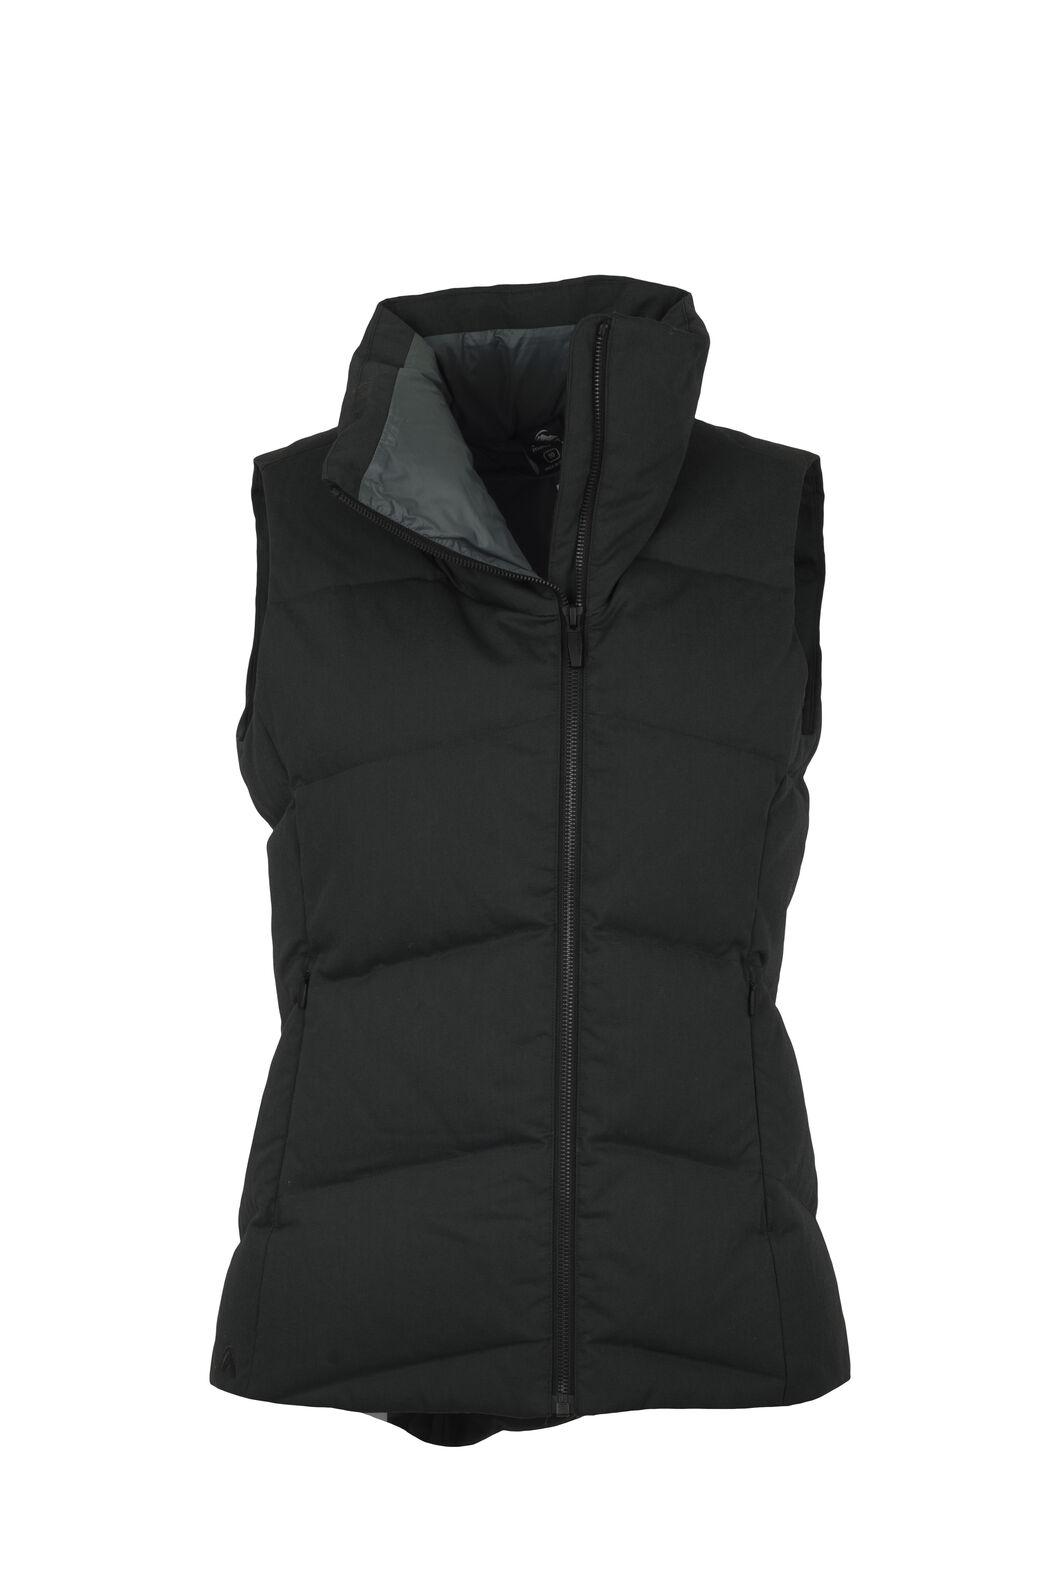 Macpac Radius Vest - Women's, Black, hi-res